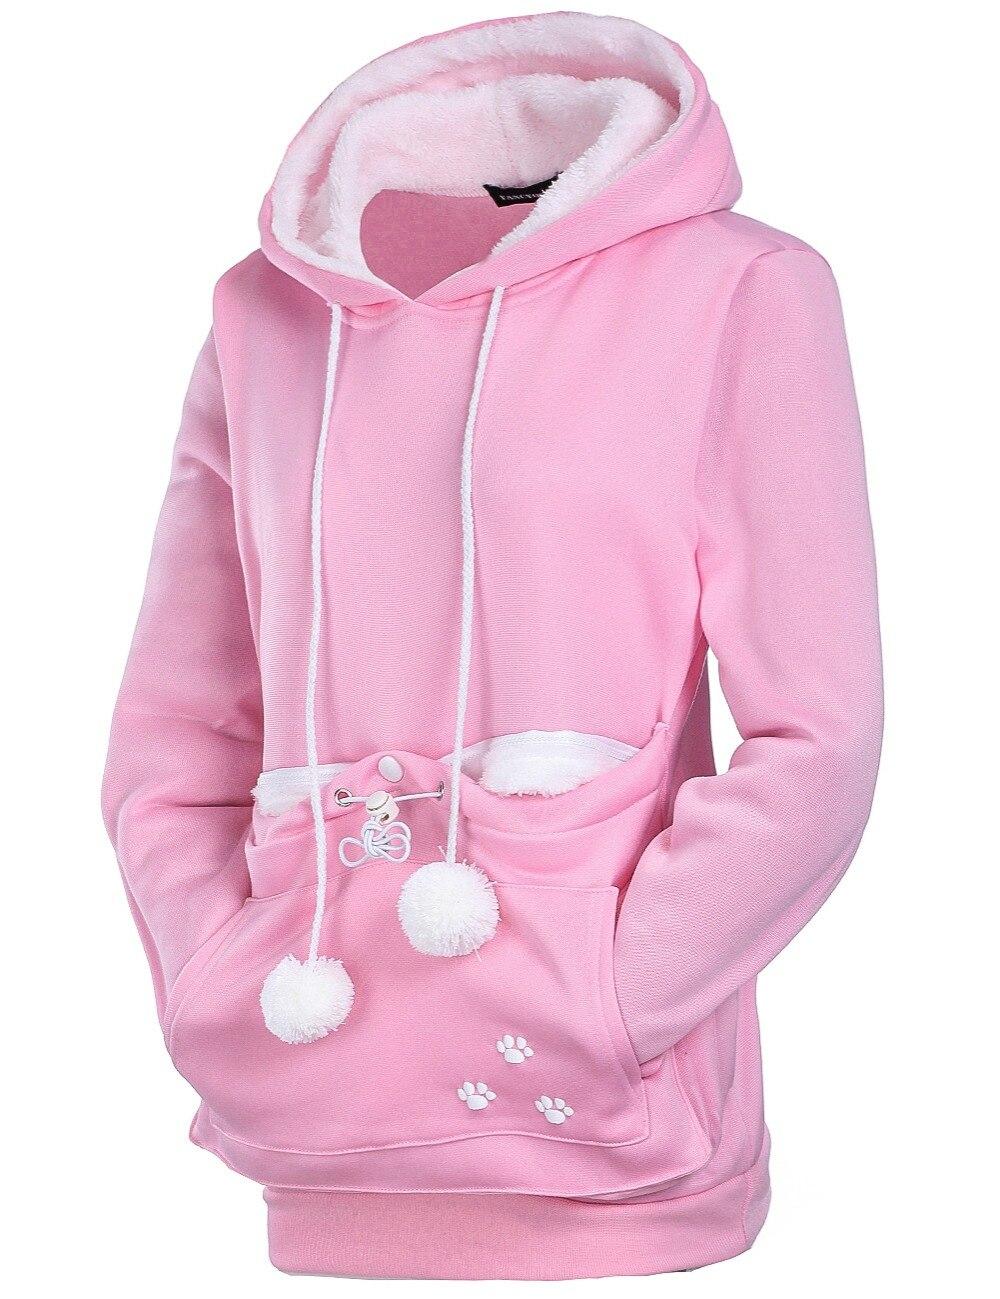 17 New Cartoon Hooded Hoodies Lover Cats Kangaroo Dog Hoodie Long Sleeve Sweatshirt Front Pocket Casual Animal Ear Hoodie 18